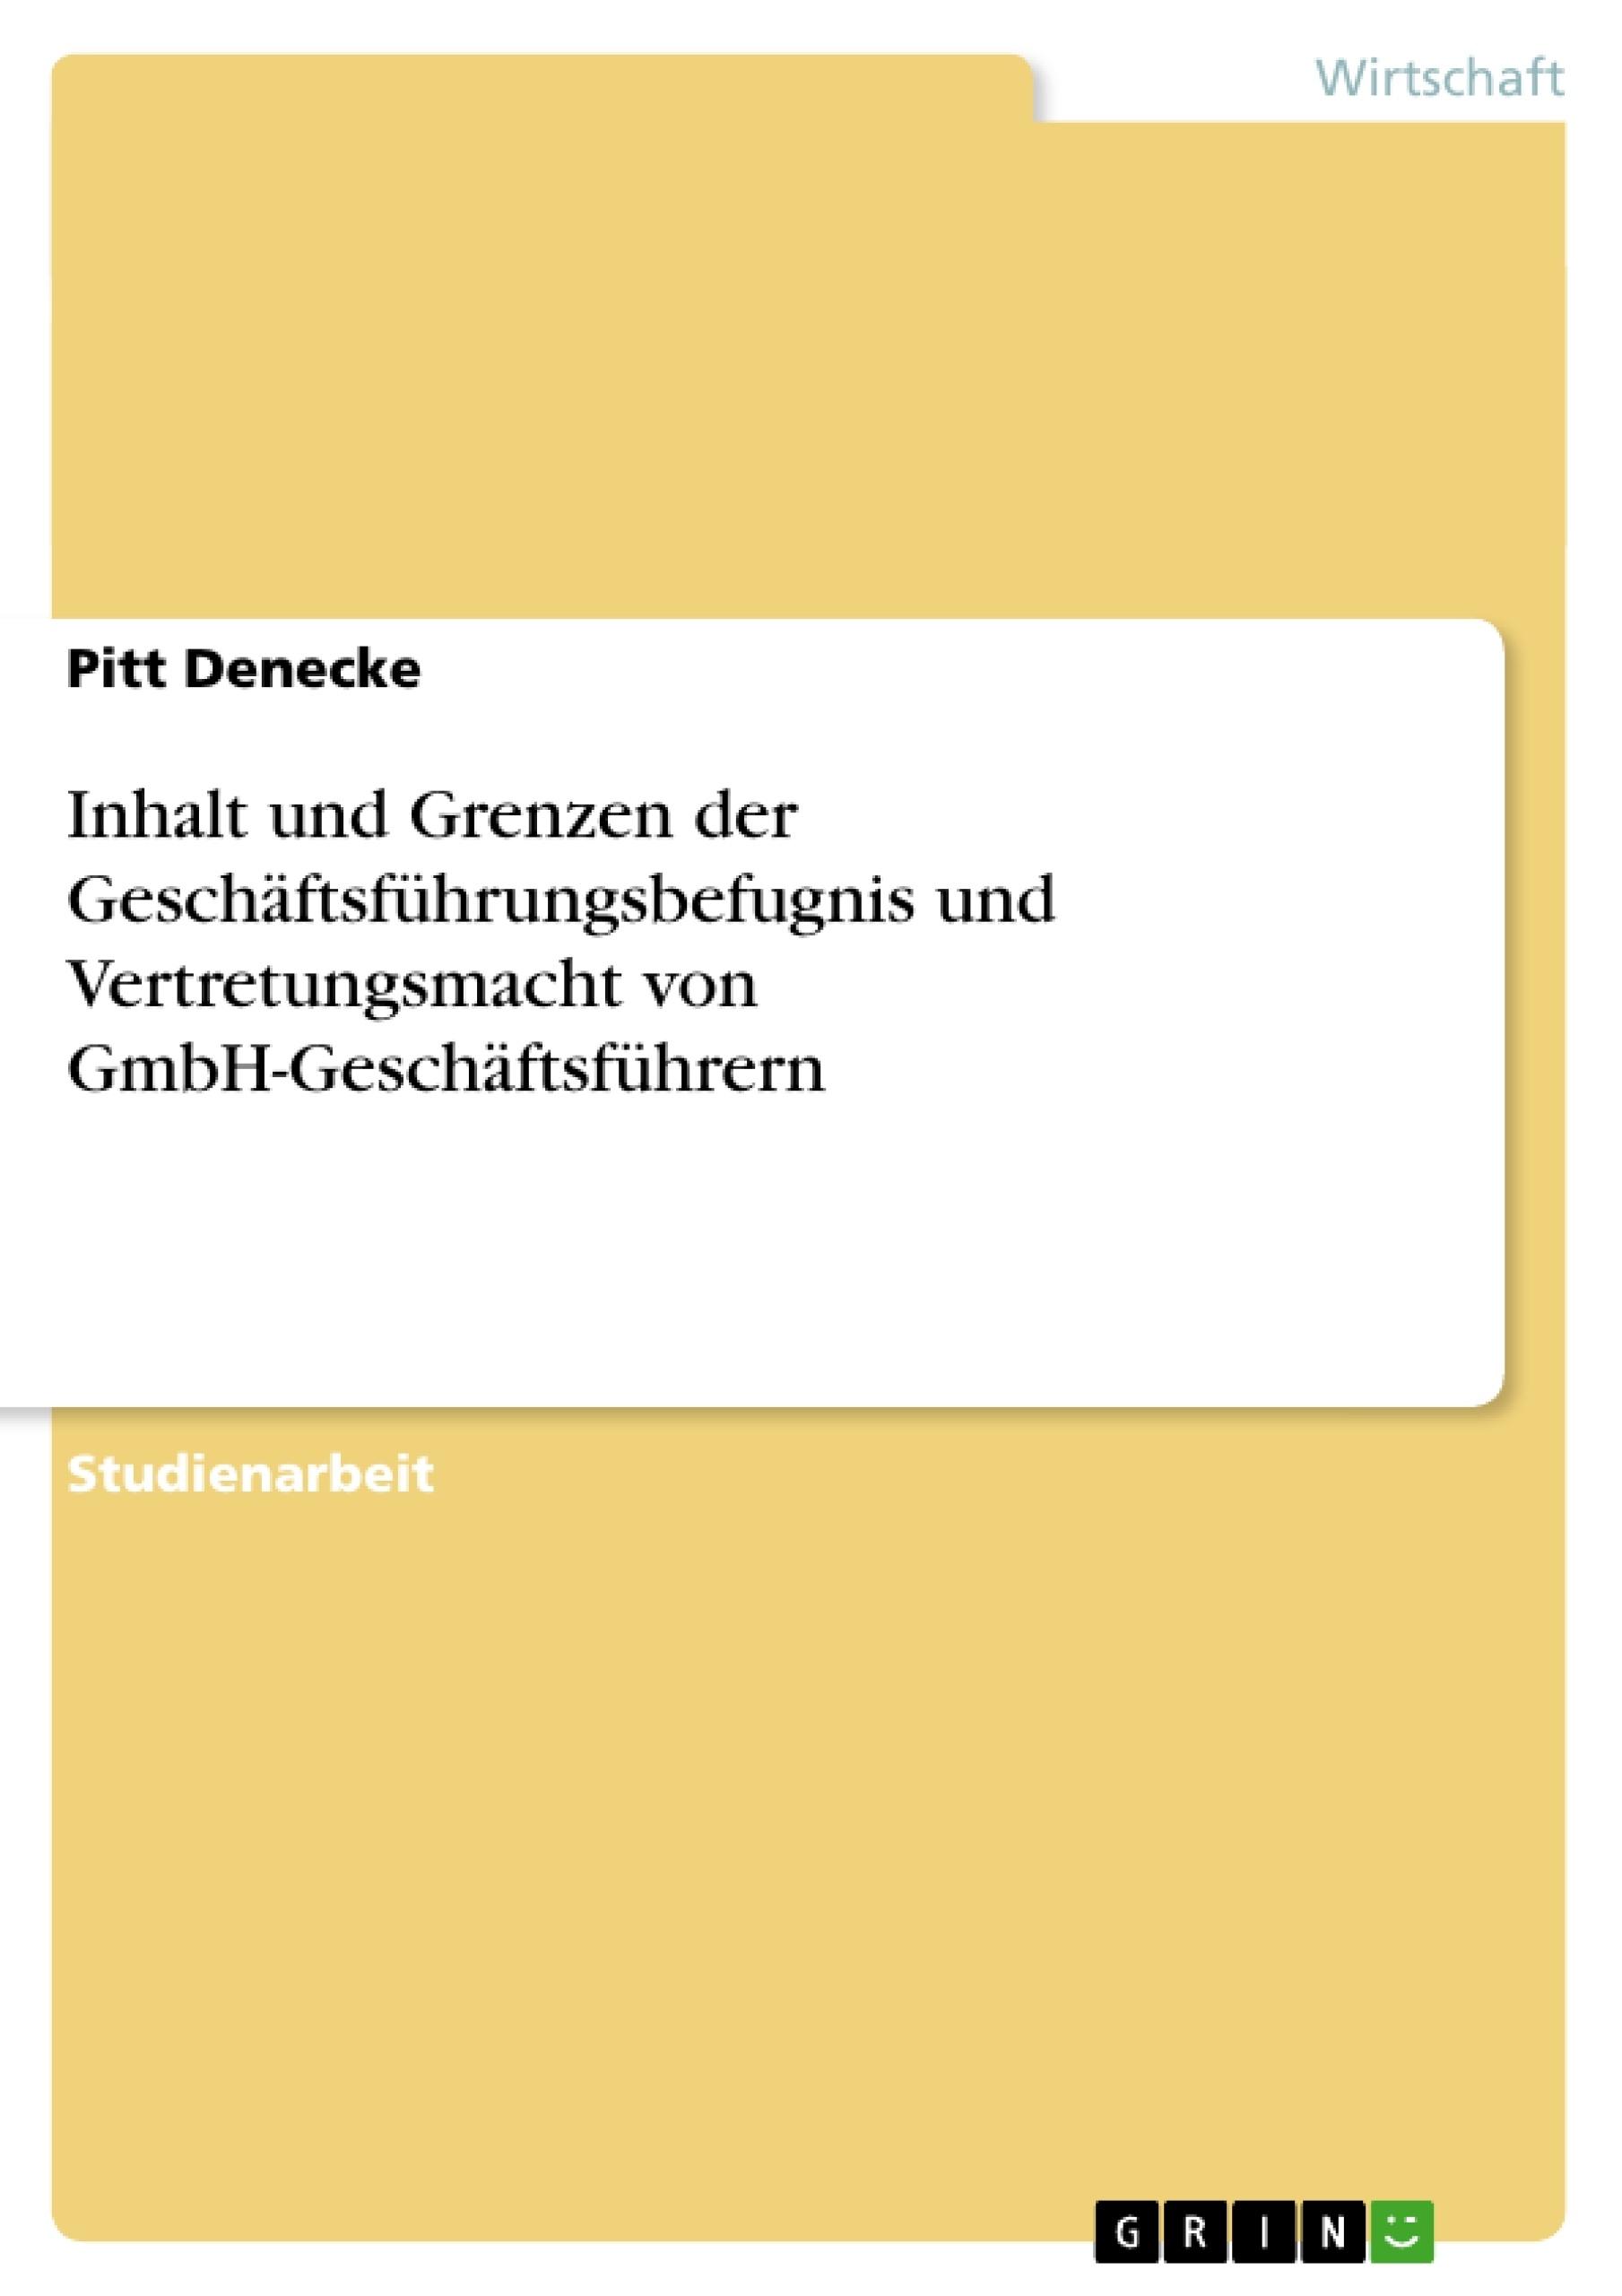 Titel: Inhalt und Grenzen der Geschäftsführungsbefugnis und Vertretungsmacht von GmbH-Geschäftsführern